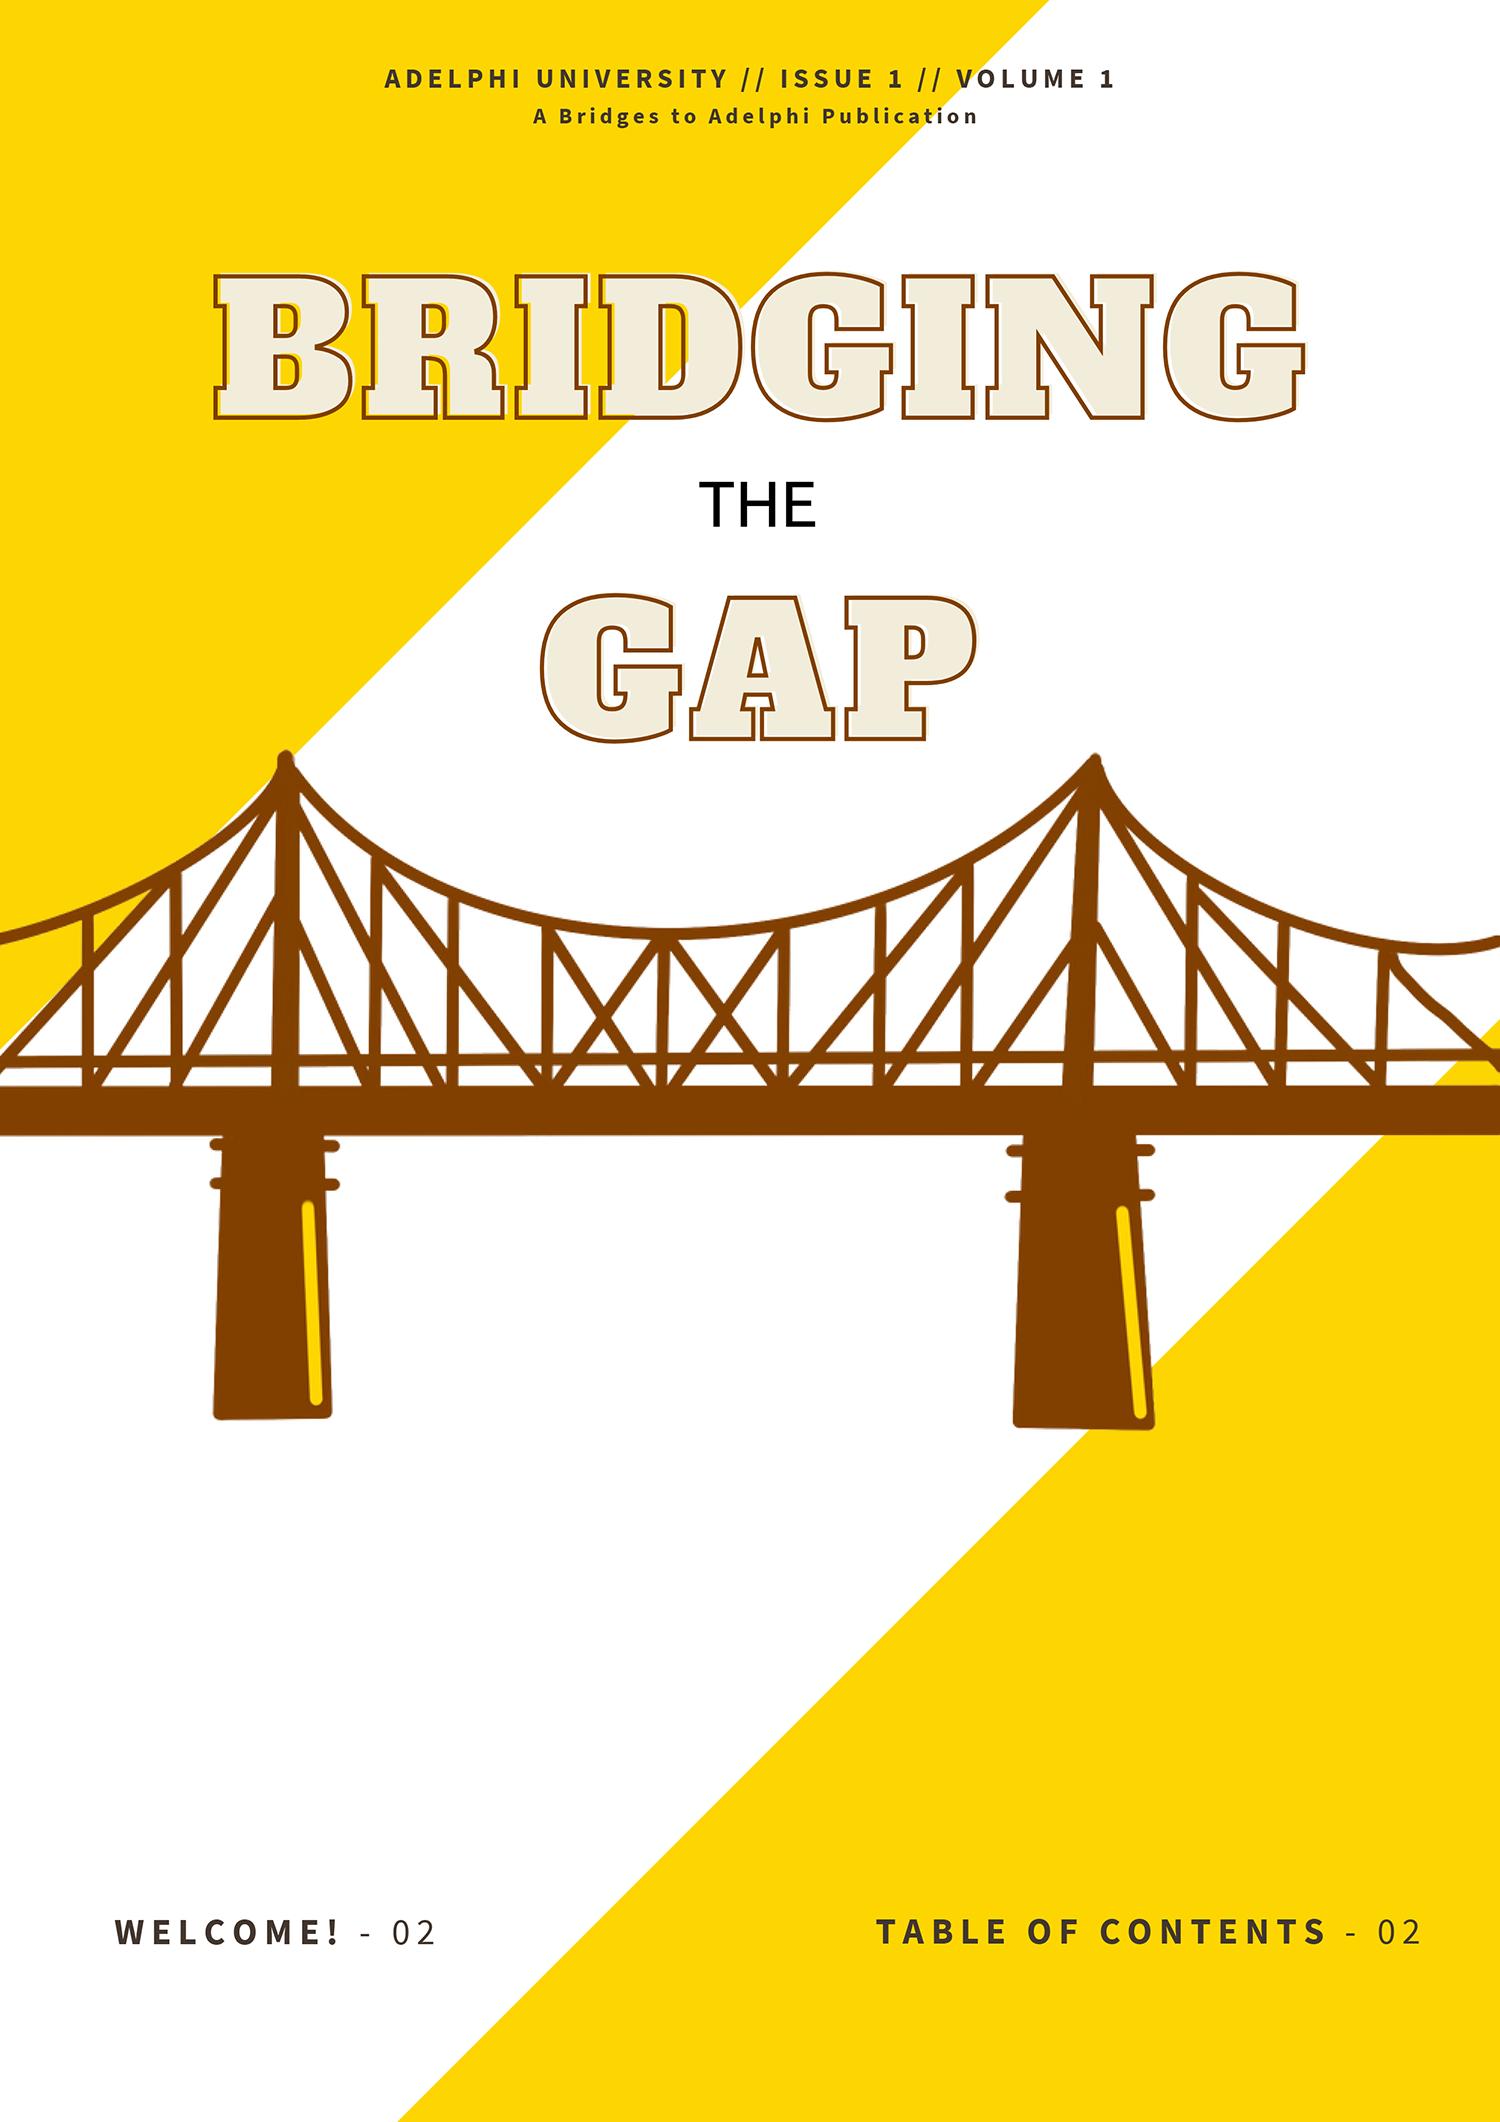 Bridging the Gap Newsletter Cover